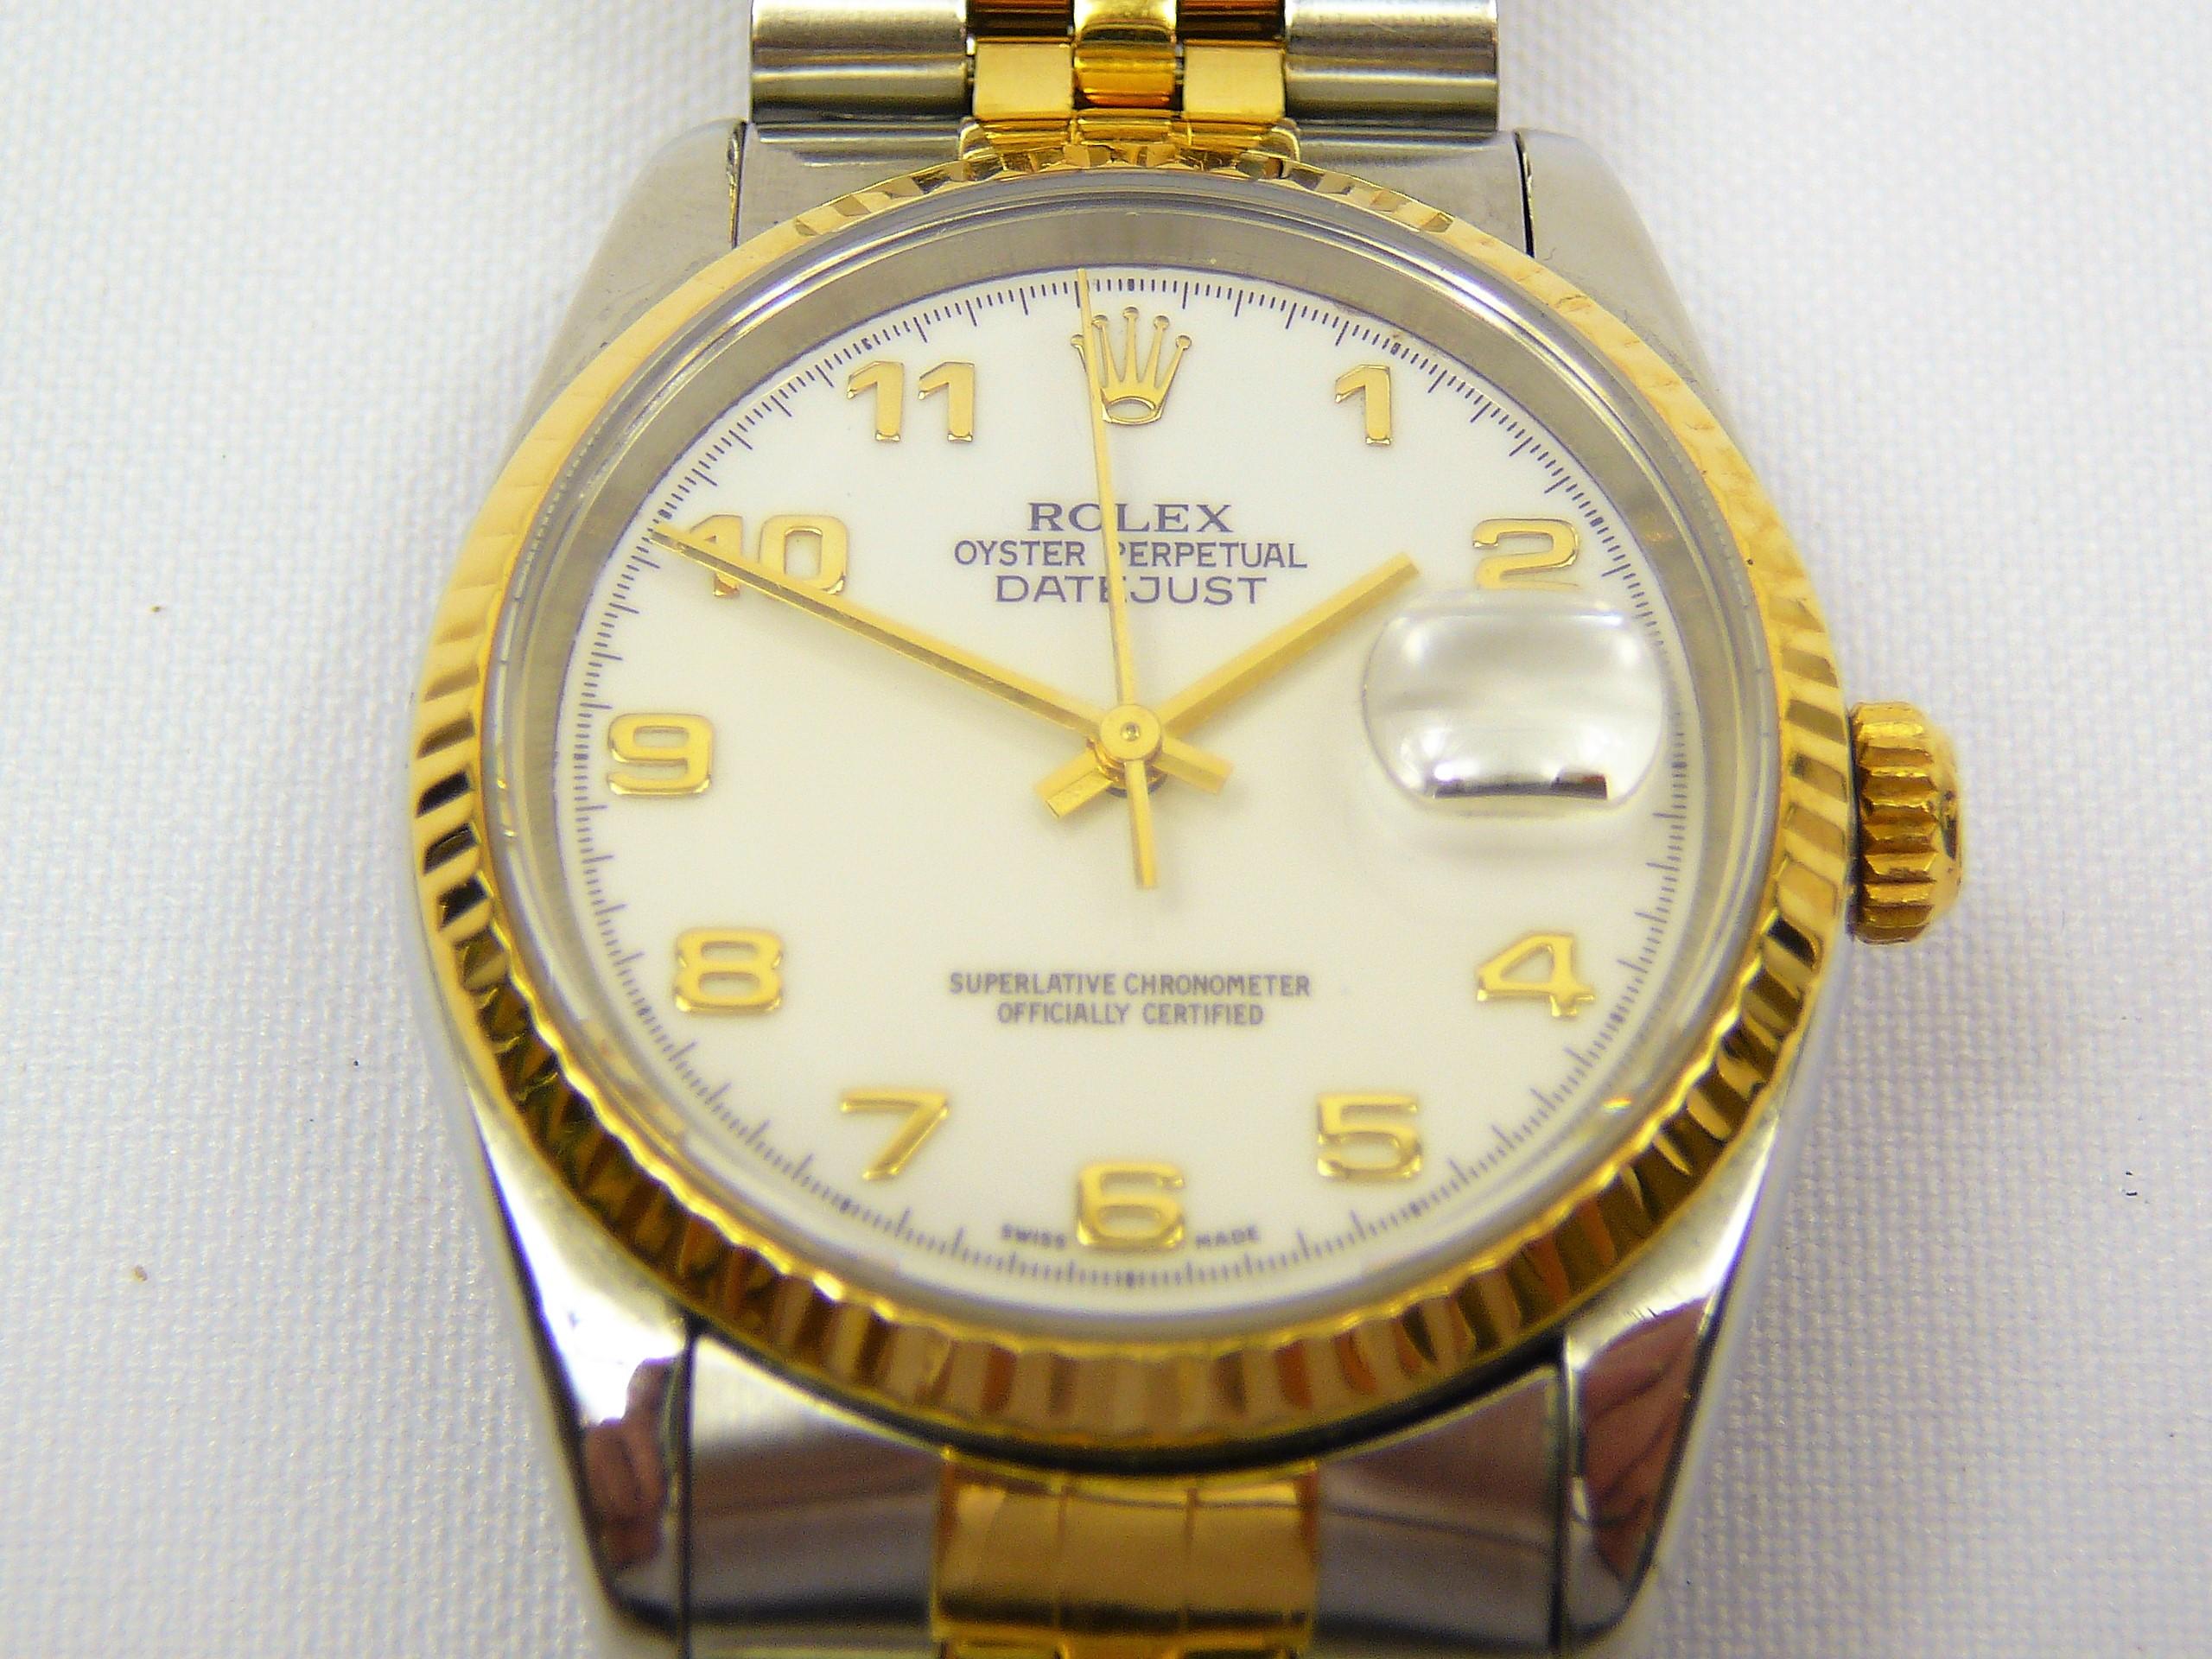 Gents Rolex Wrist Watch - Image 6 of 6